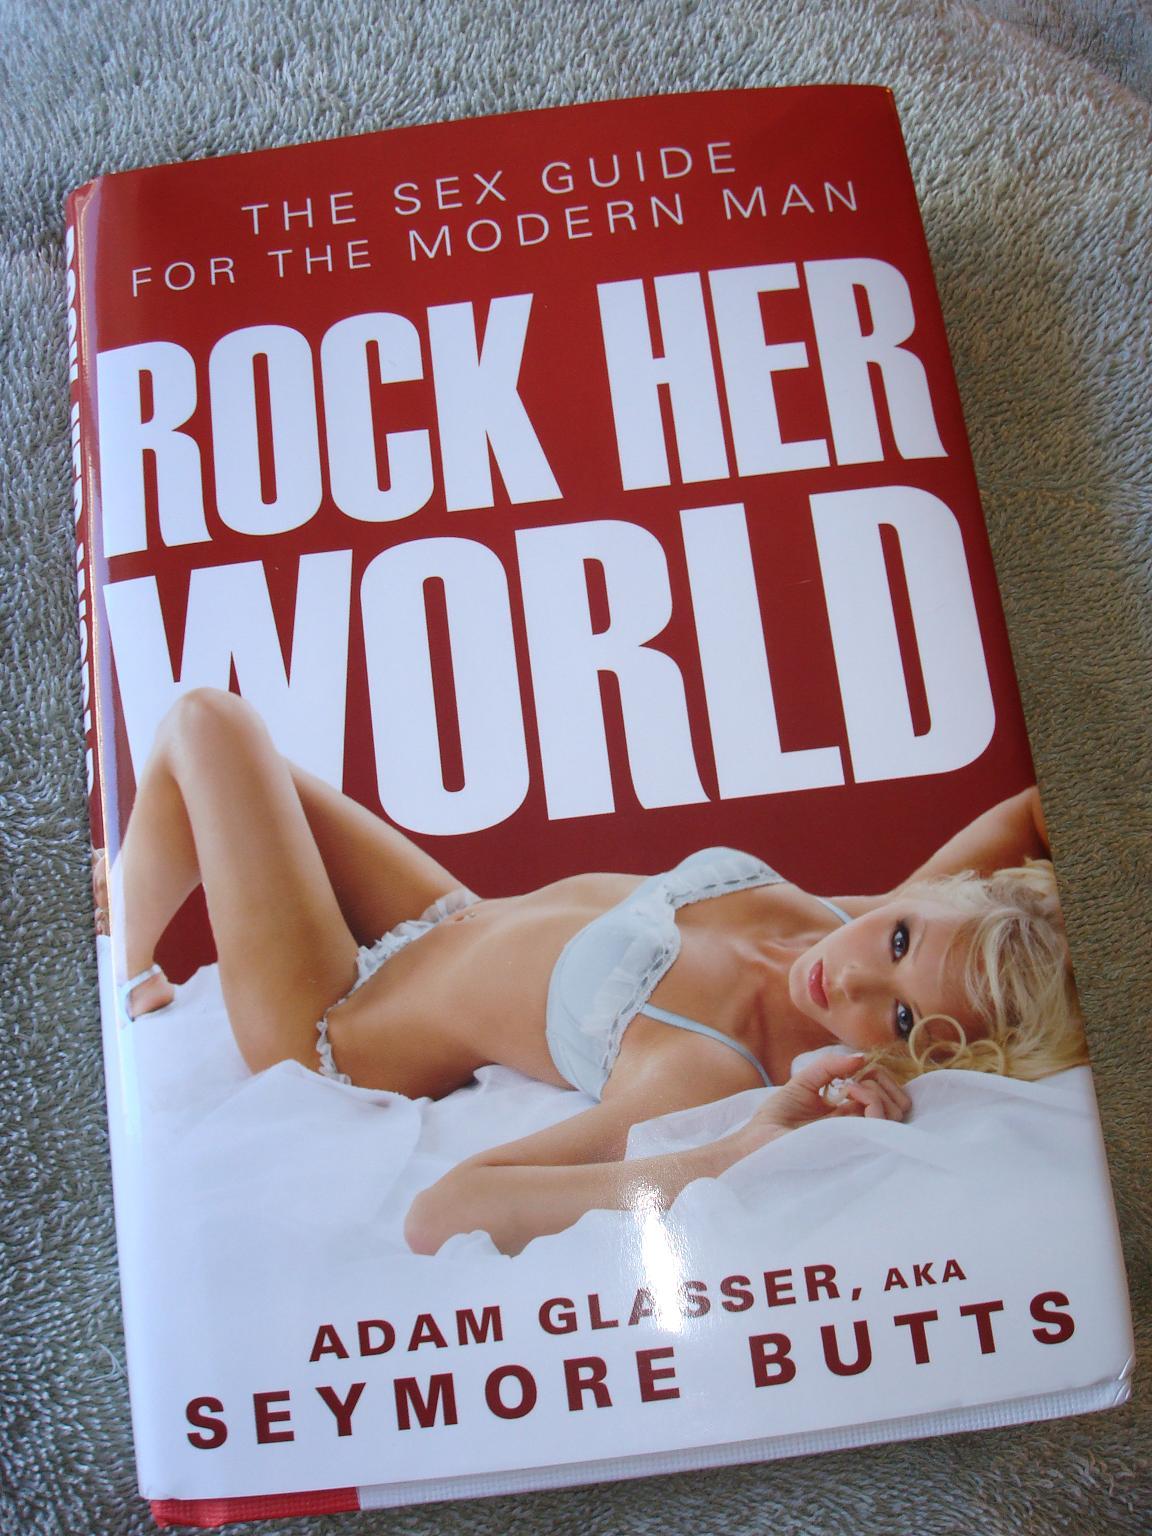 http://2.bp.blogspot.com/_87WI5jiixGs/S8PDF1F9ctI/AAAAAAAAA5c/SQ87gCyrZrc/s1600/rock%2Bher%2Bworld.jpg